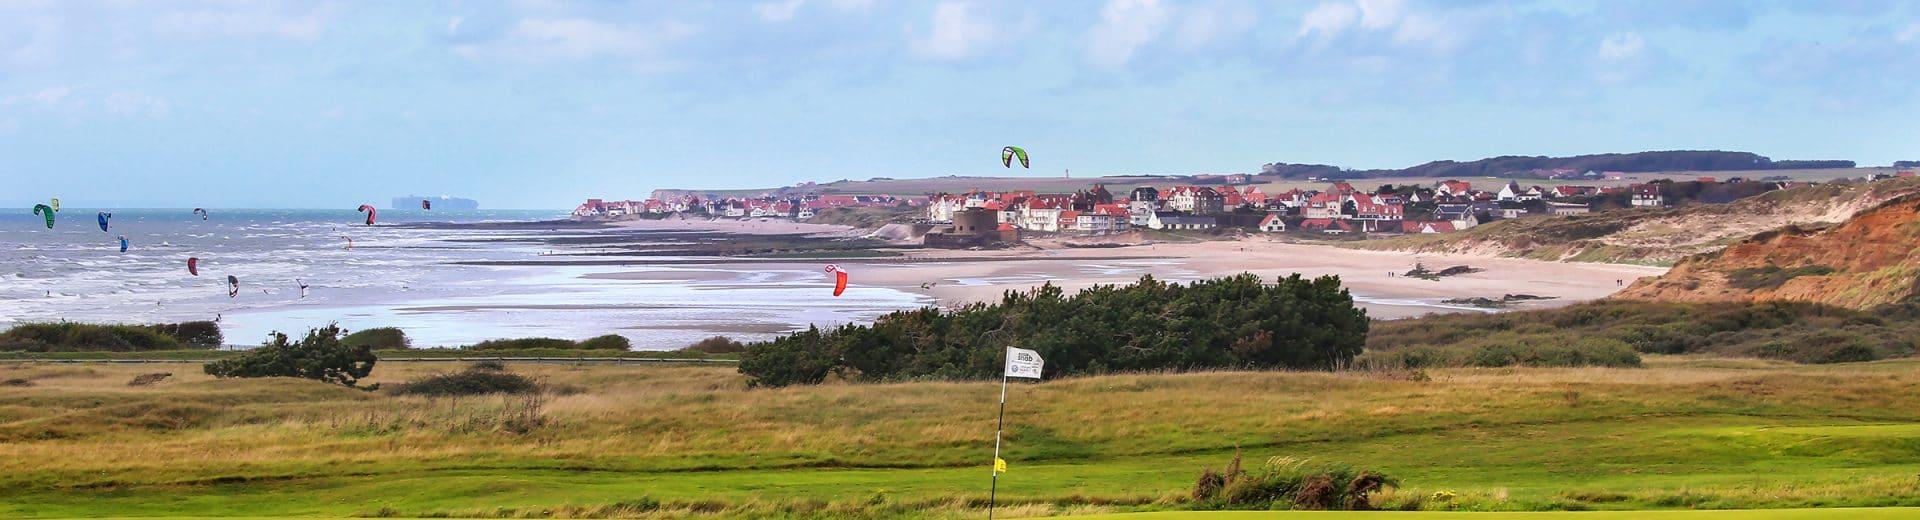 Wimereux golf